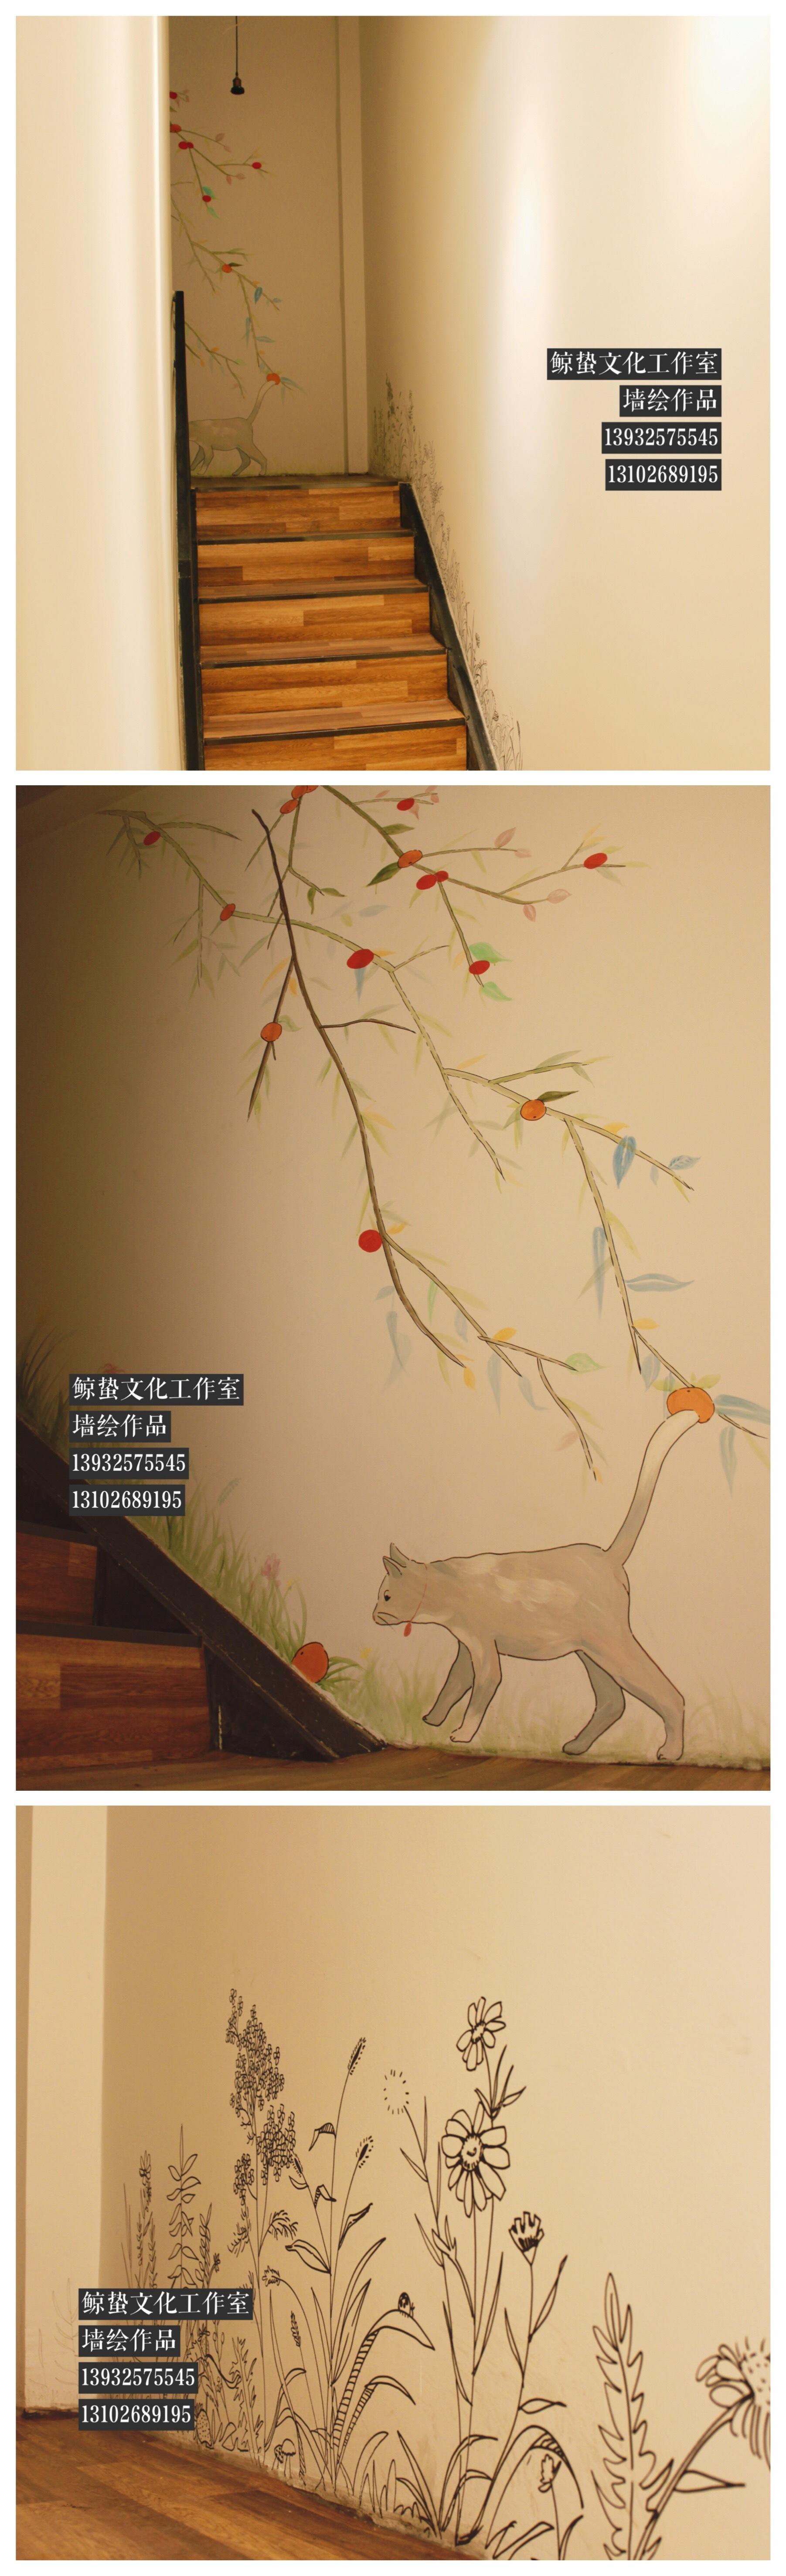 唐山猫先森咖啡馆墙绘图片